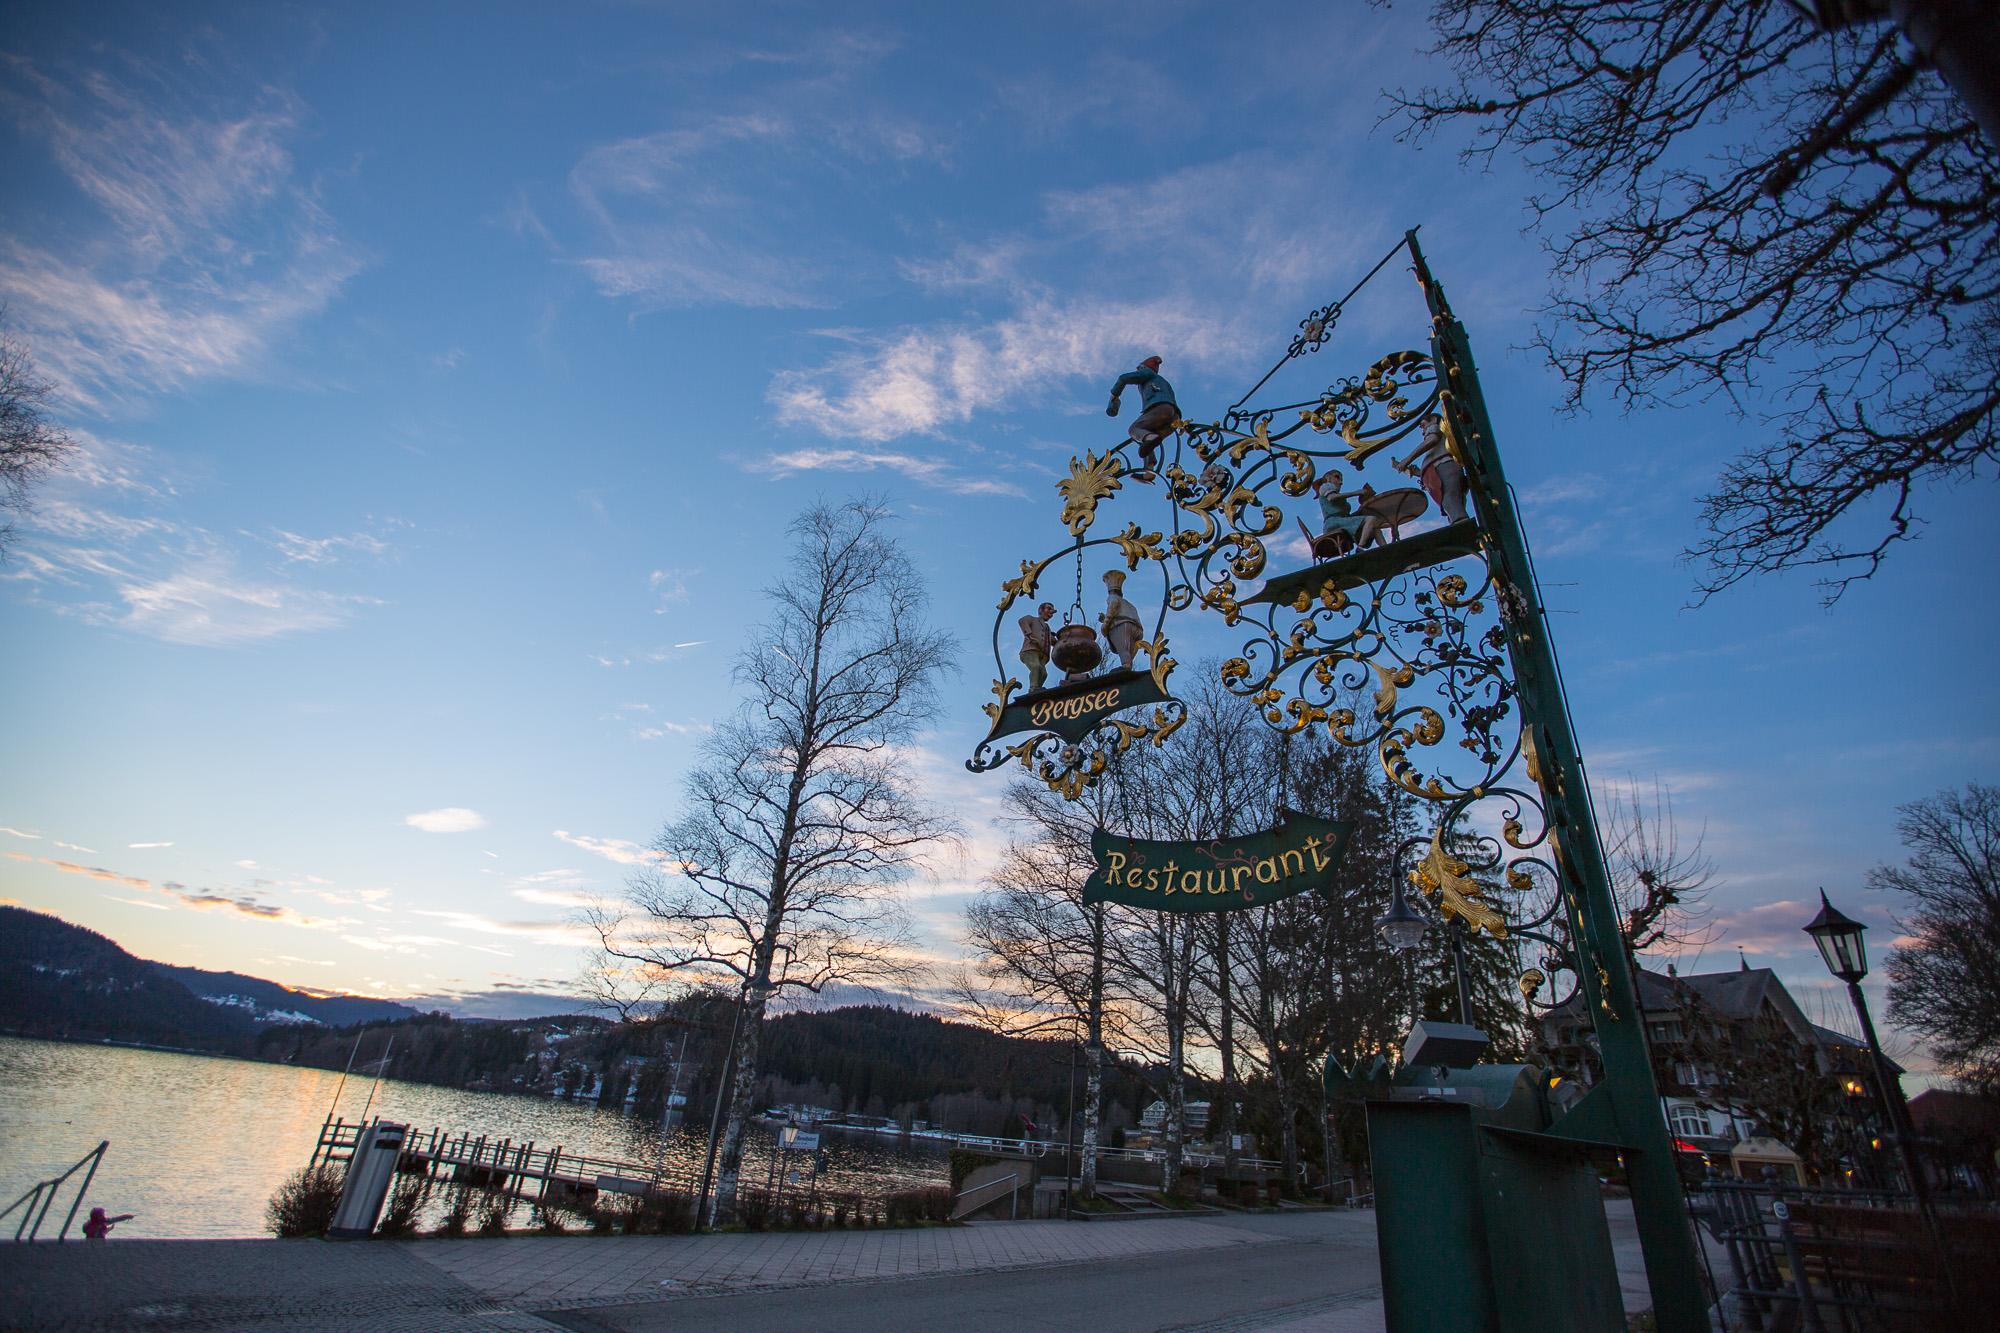 Das Wirtshausschild des Bergsee Restaurant Titisee